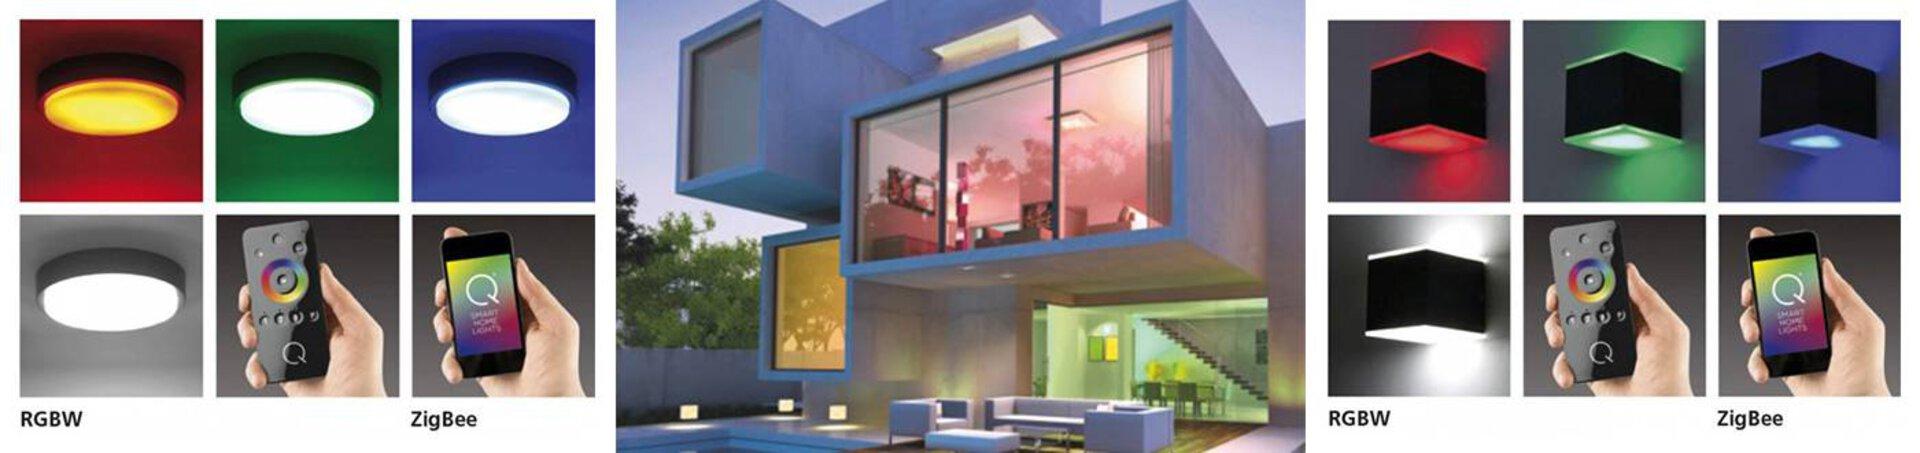 Bannerbild zur Steuerung der Smart-Home-Leuchten. Links und rechts sind Lampen in unterschiedlichen Farben zu sehen. In der Mitte ist ein geometrisches Haus von außen zu sehen, as dessen Fenster unterschiedlich farbige Lichter erstrahlen.